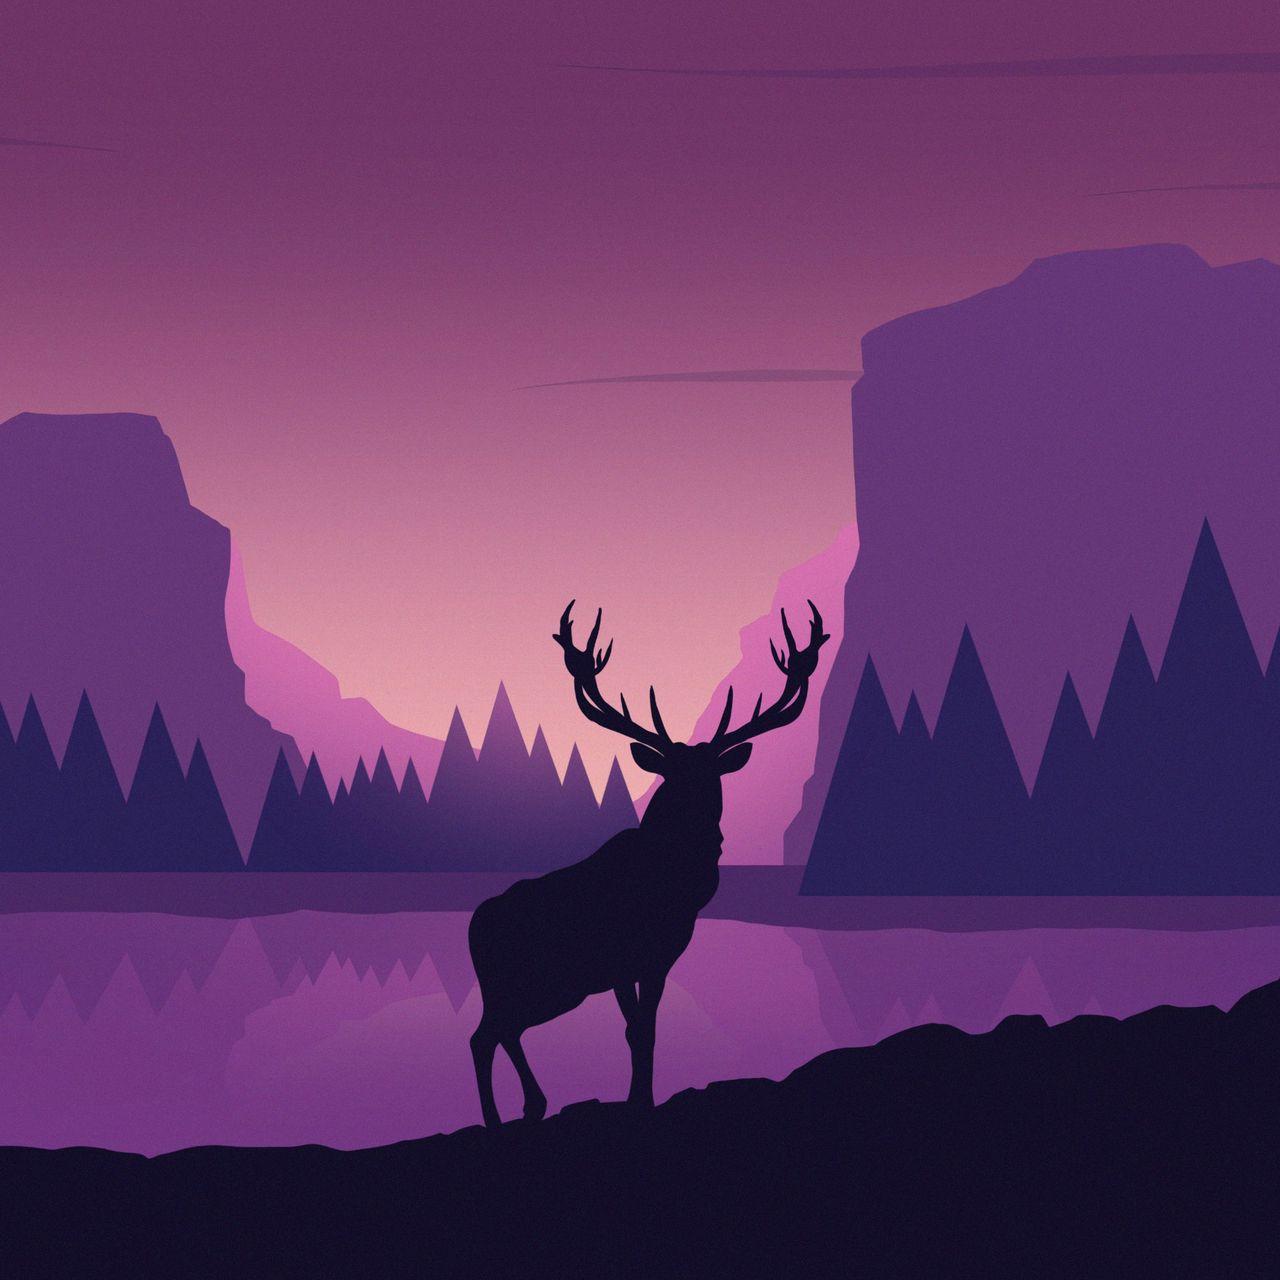 1280x1280 Обои олень, арт, вектор, горы, пейзаж